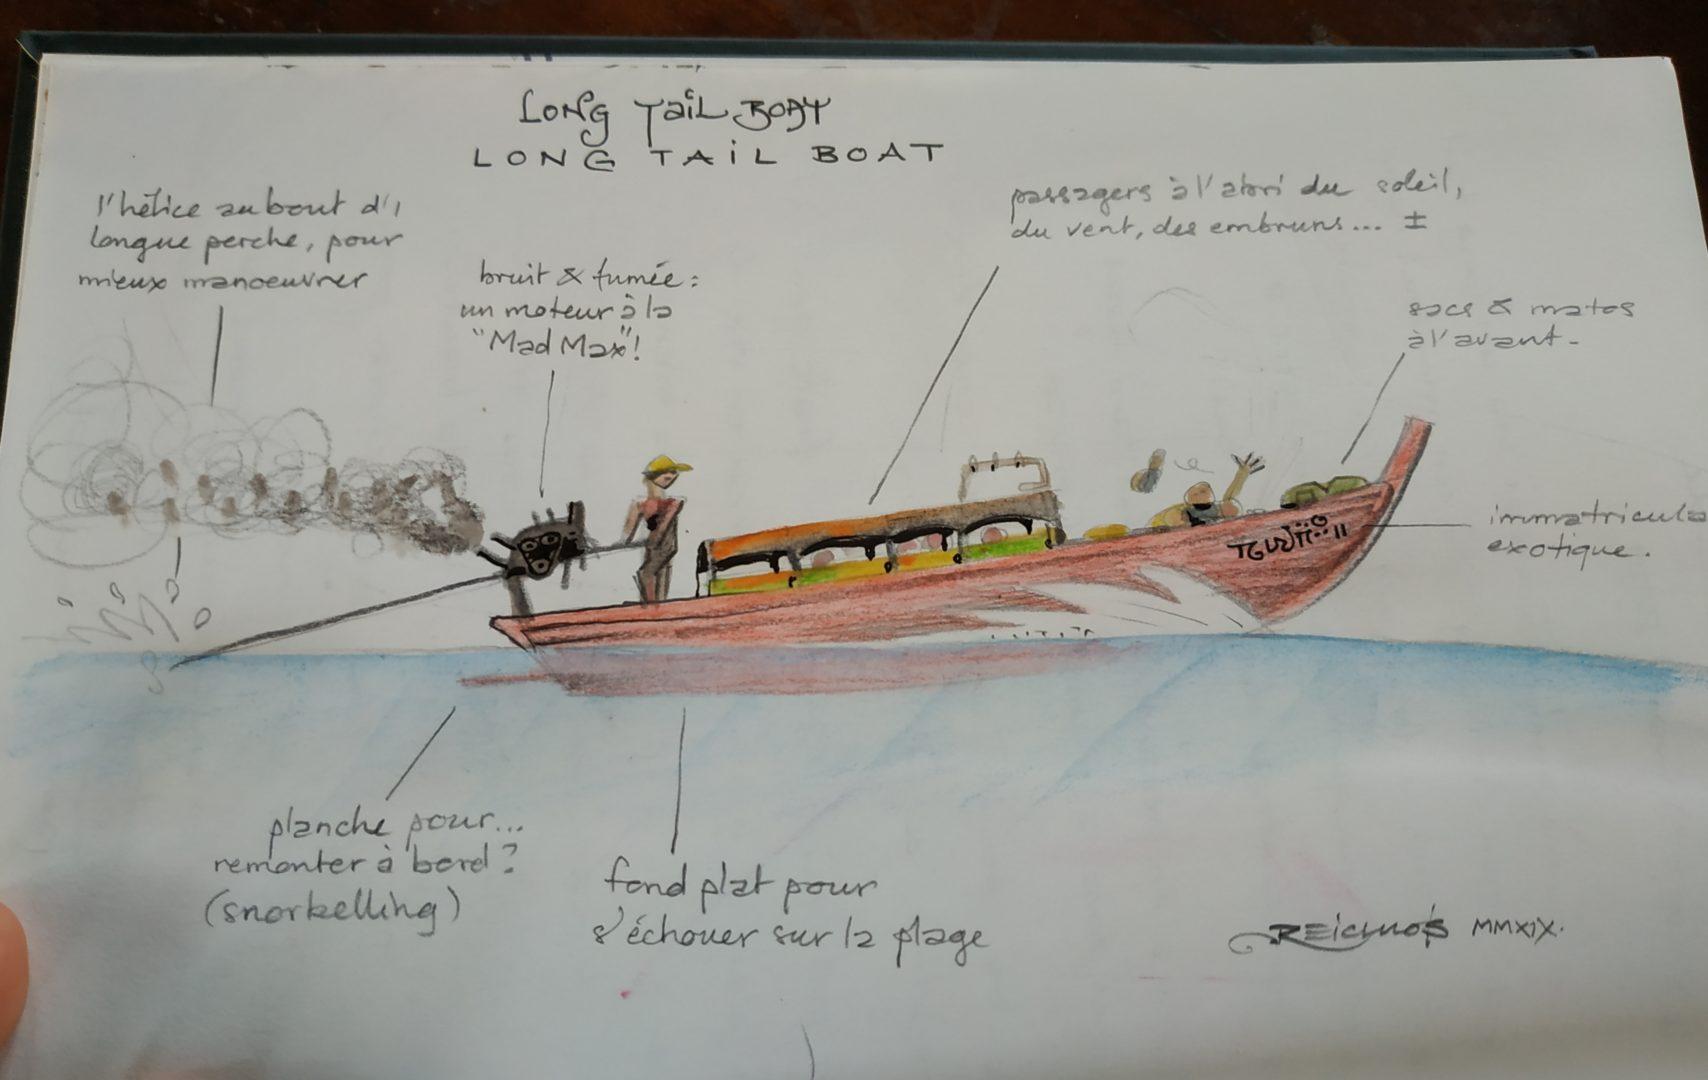 """Carnet de vadrouille 2019 : les """"Long tail boat"""" en Thaïlande - les bateaux à longue queue pour les courts trajets"""